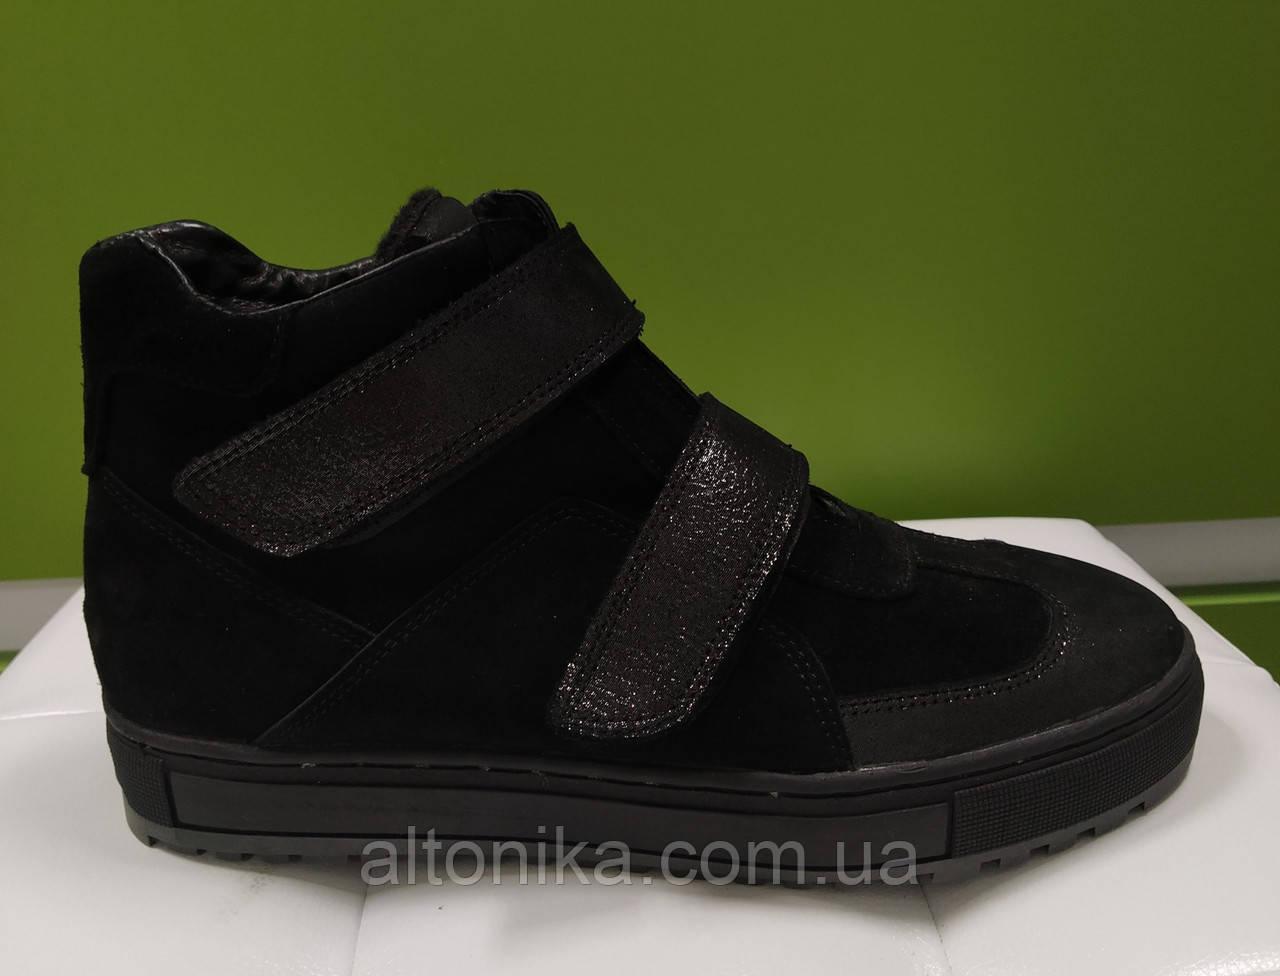 STTOPA 41р зима! Размеры 40-45! Ботинки кожаные на широкую ногу больших размеров! С9-40-4045-33-4045